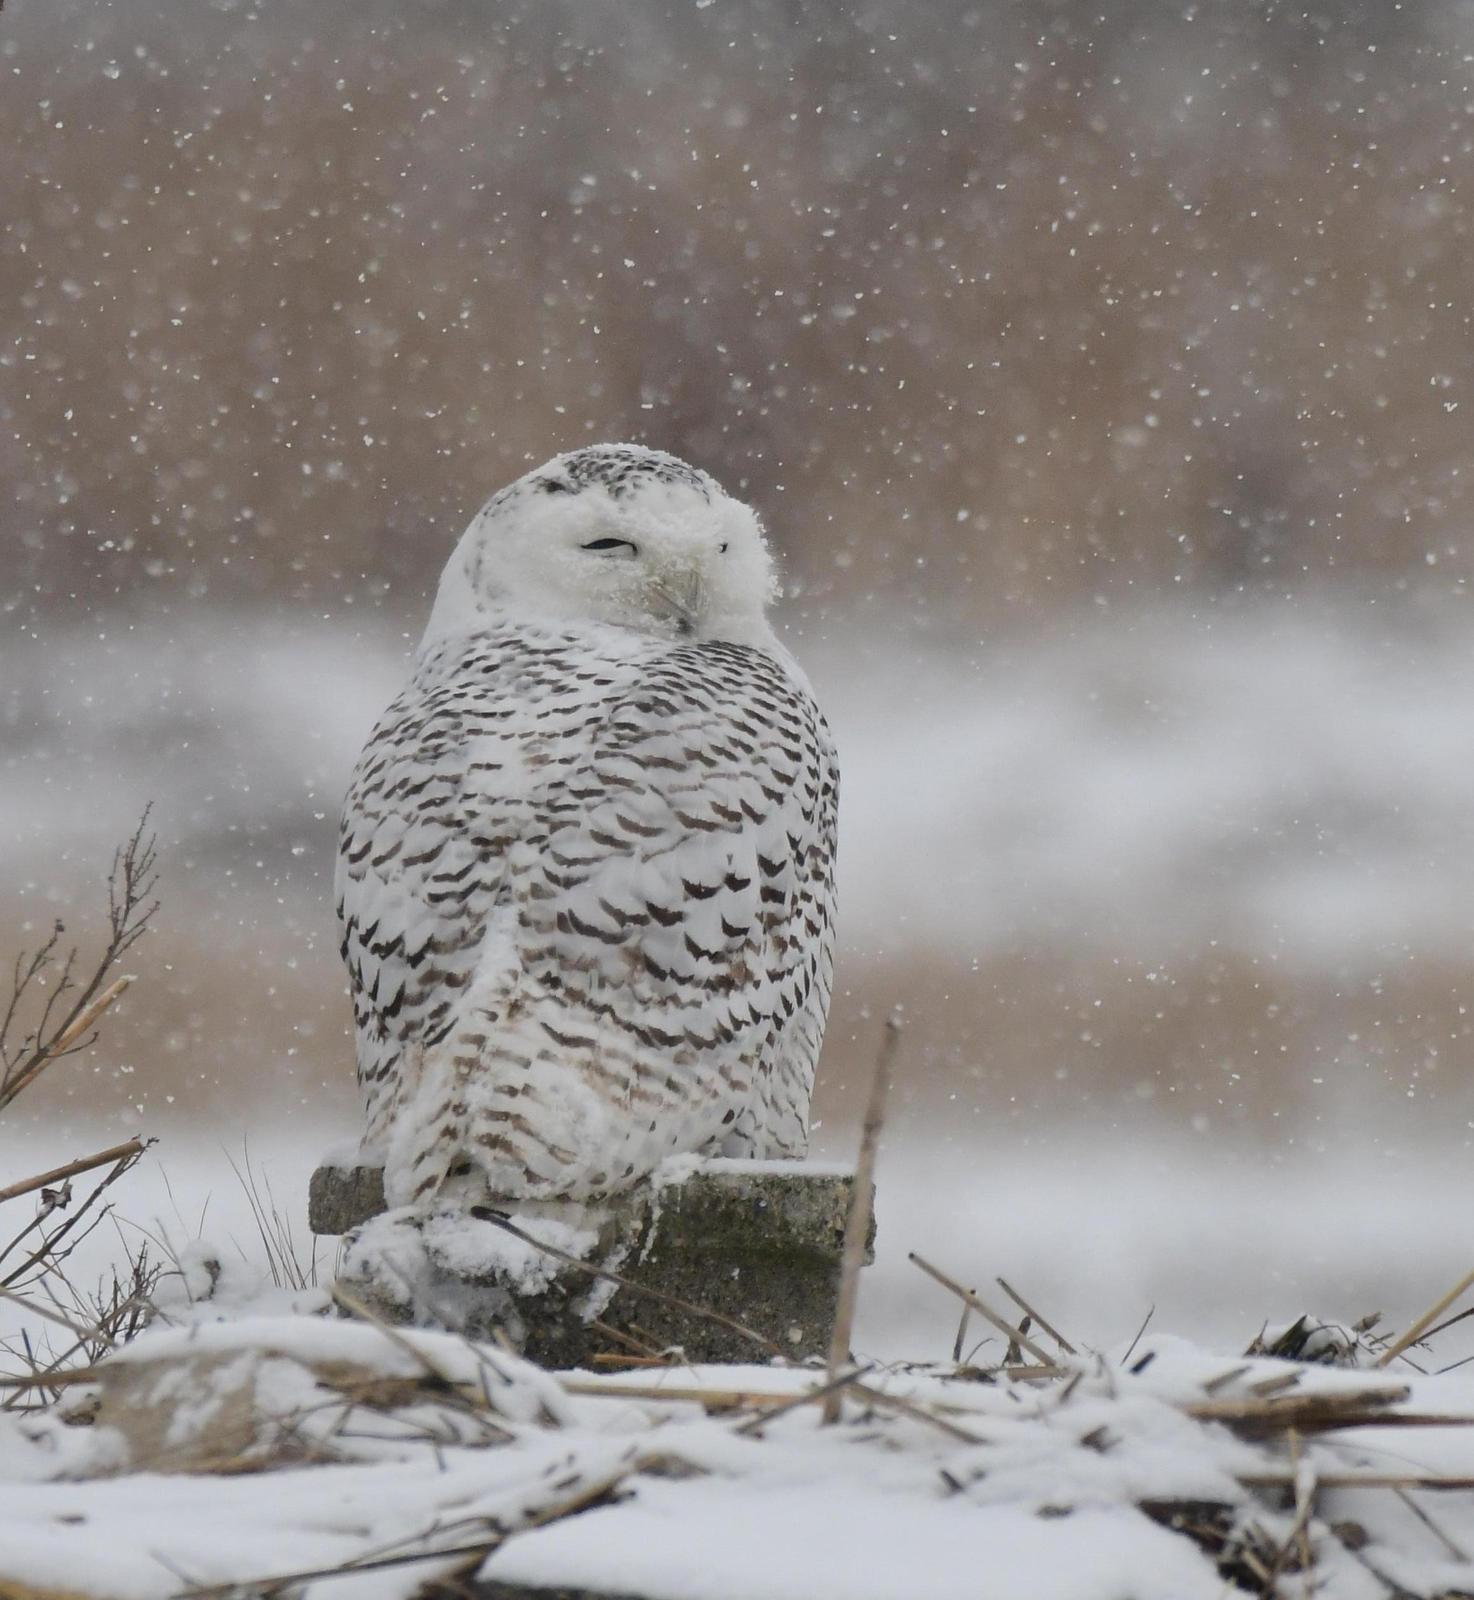 Snowy Owl Photo by Jacob Zadik